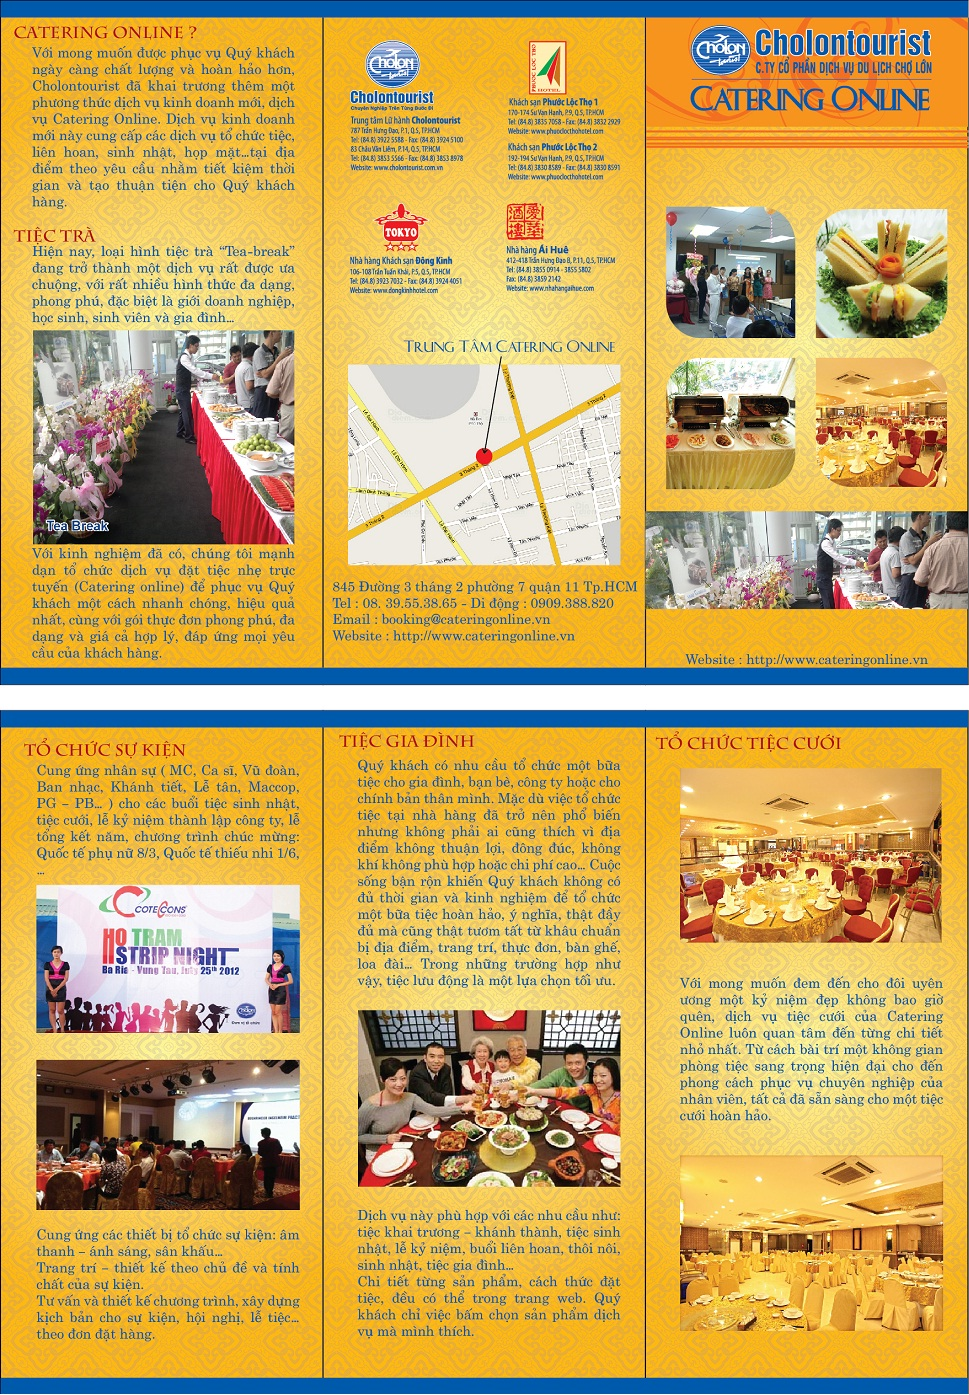 catering online, dich vu catering, tiec ngoai troi,mau brochure1 Giới thiệu